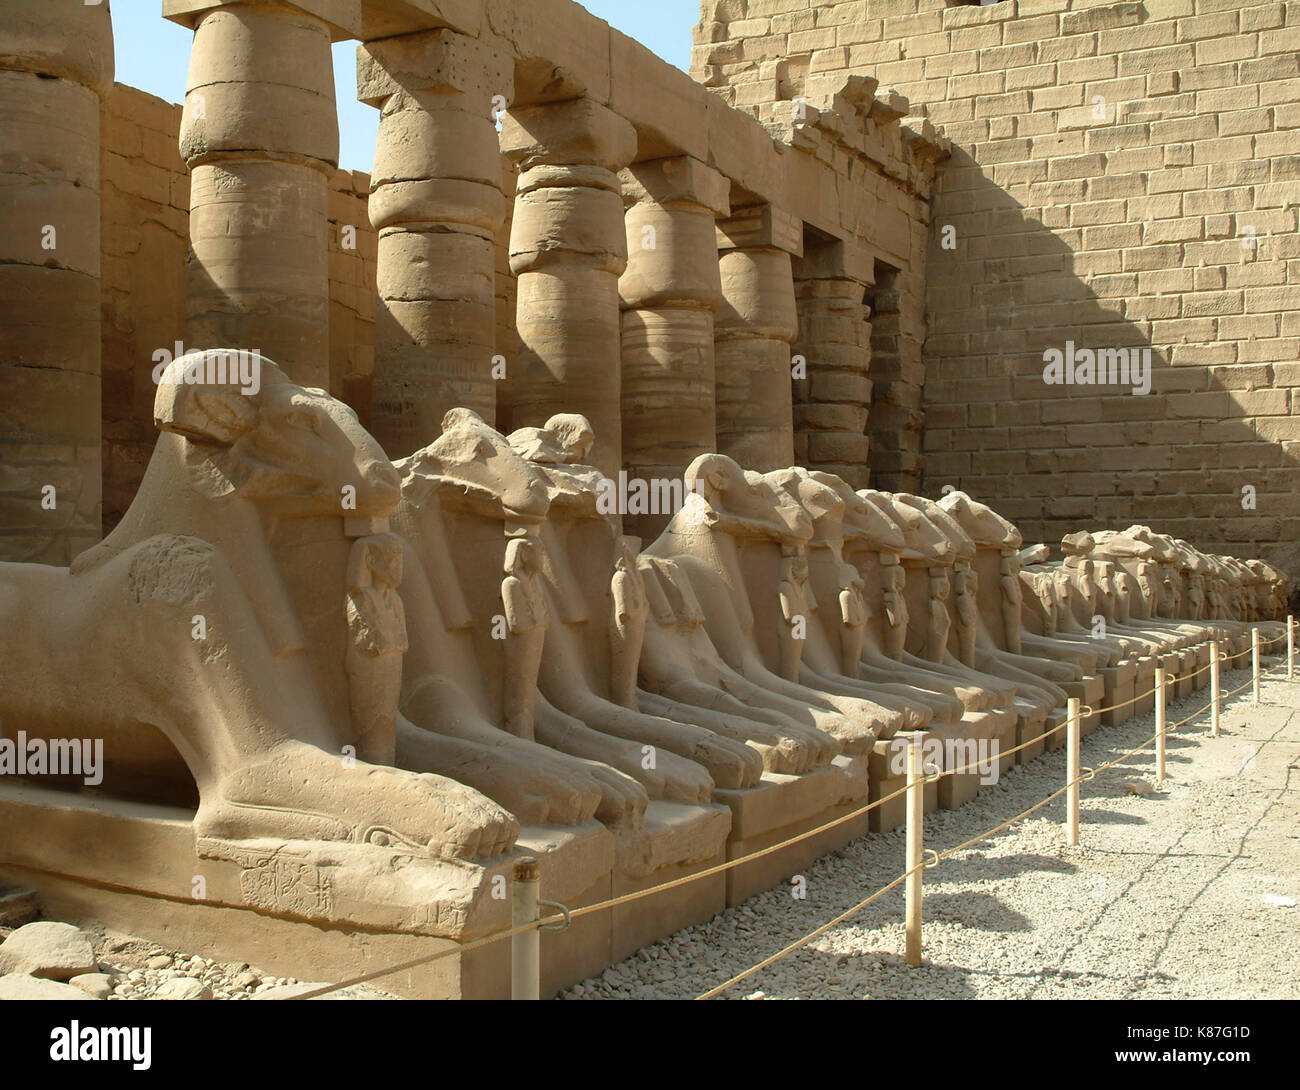 Gänge von sphingen mit Schafe köpfen, ohne Menschen, Theben, Weltkulturerbe der UNESCO, Ägypten, Nordafrika, Afrika Stockbild